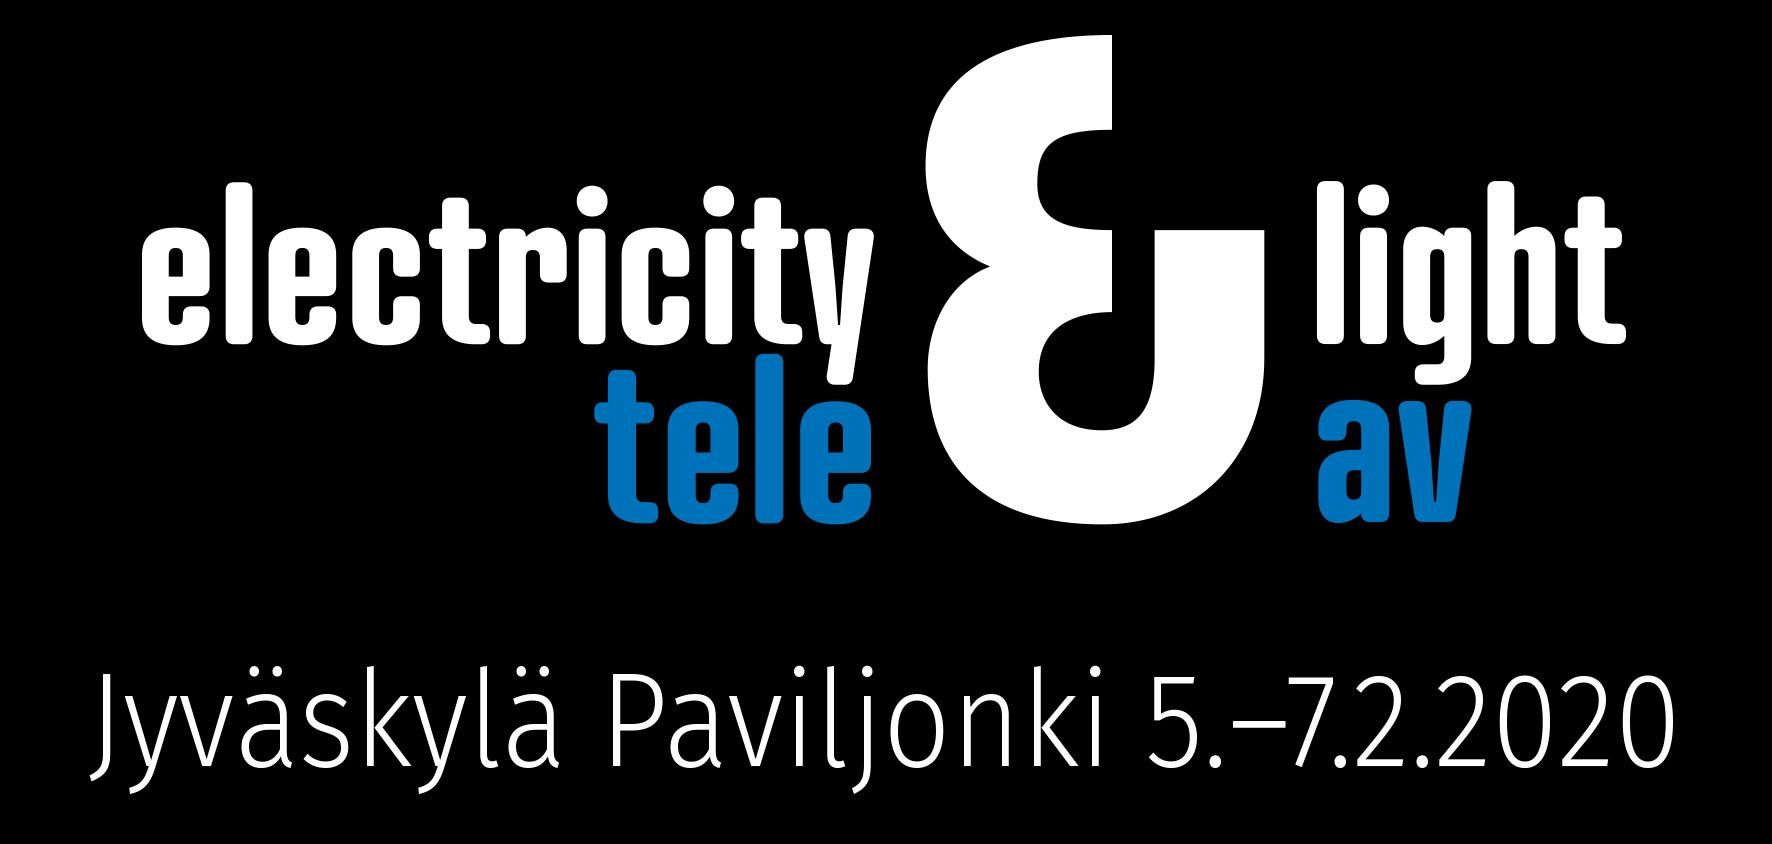 Sähkö Valo Tele AV Exhibition Logo